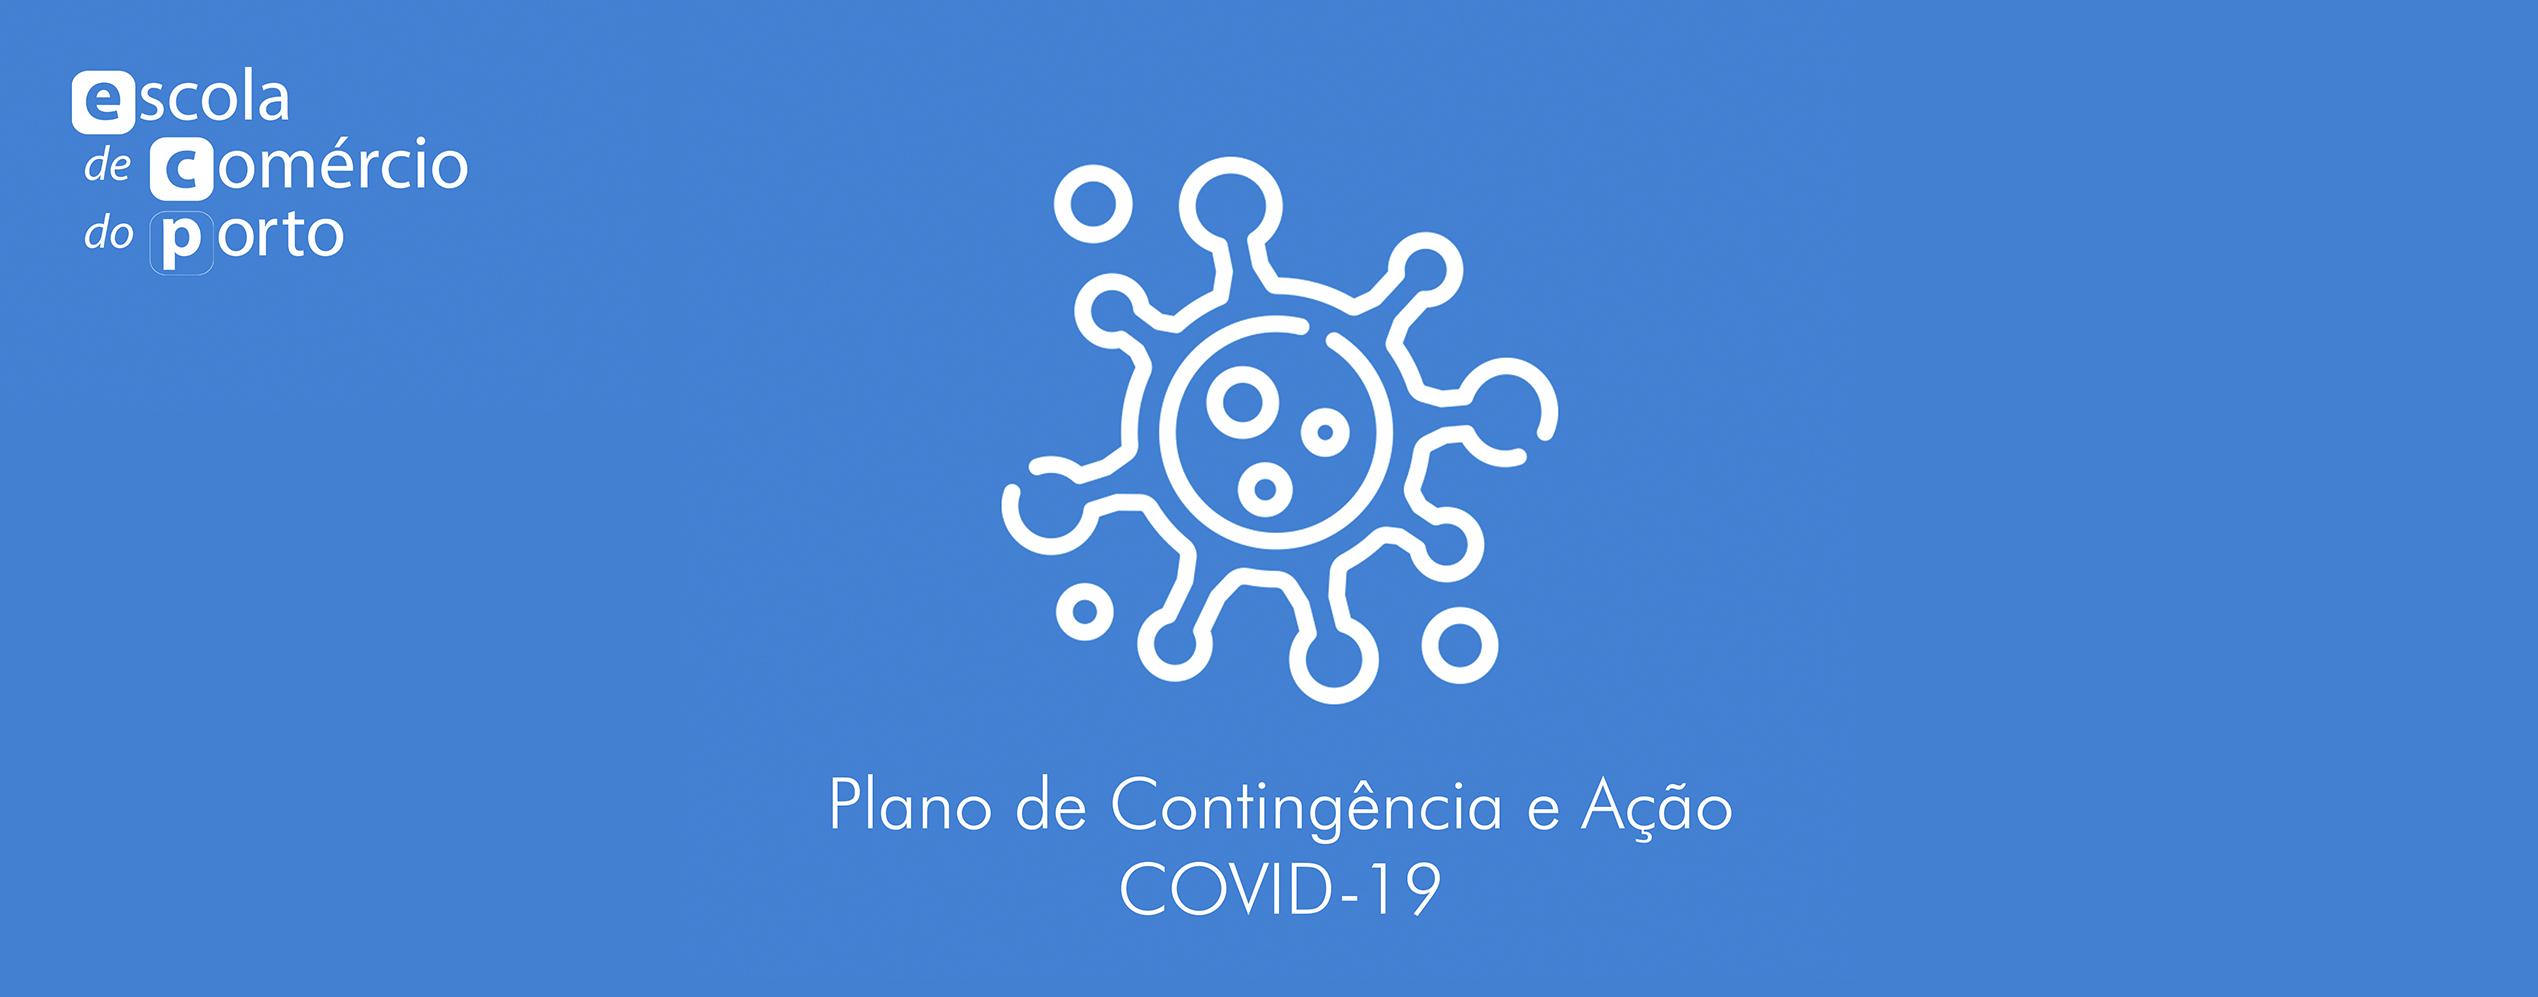 Plano de Contingência e Ação COVID-19